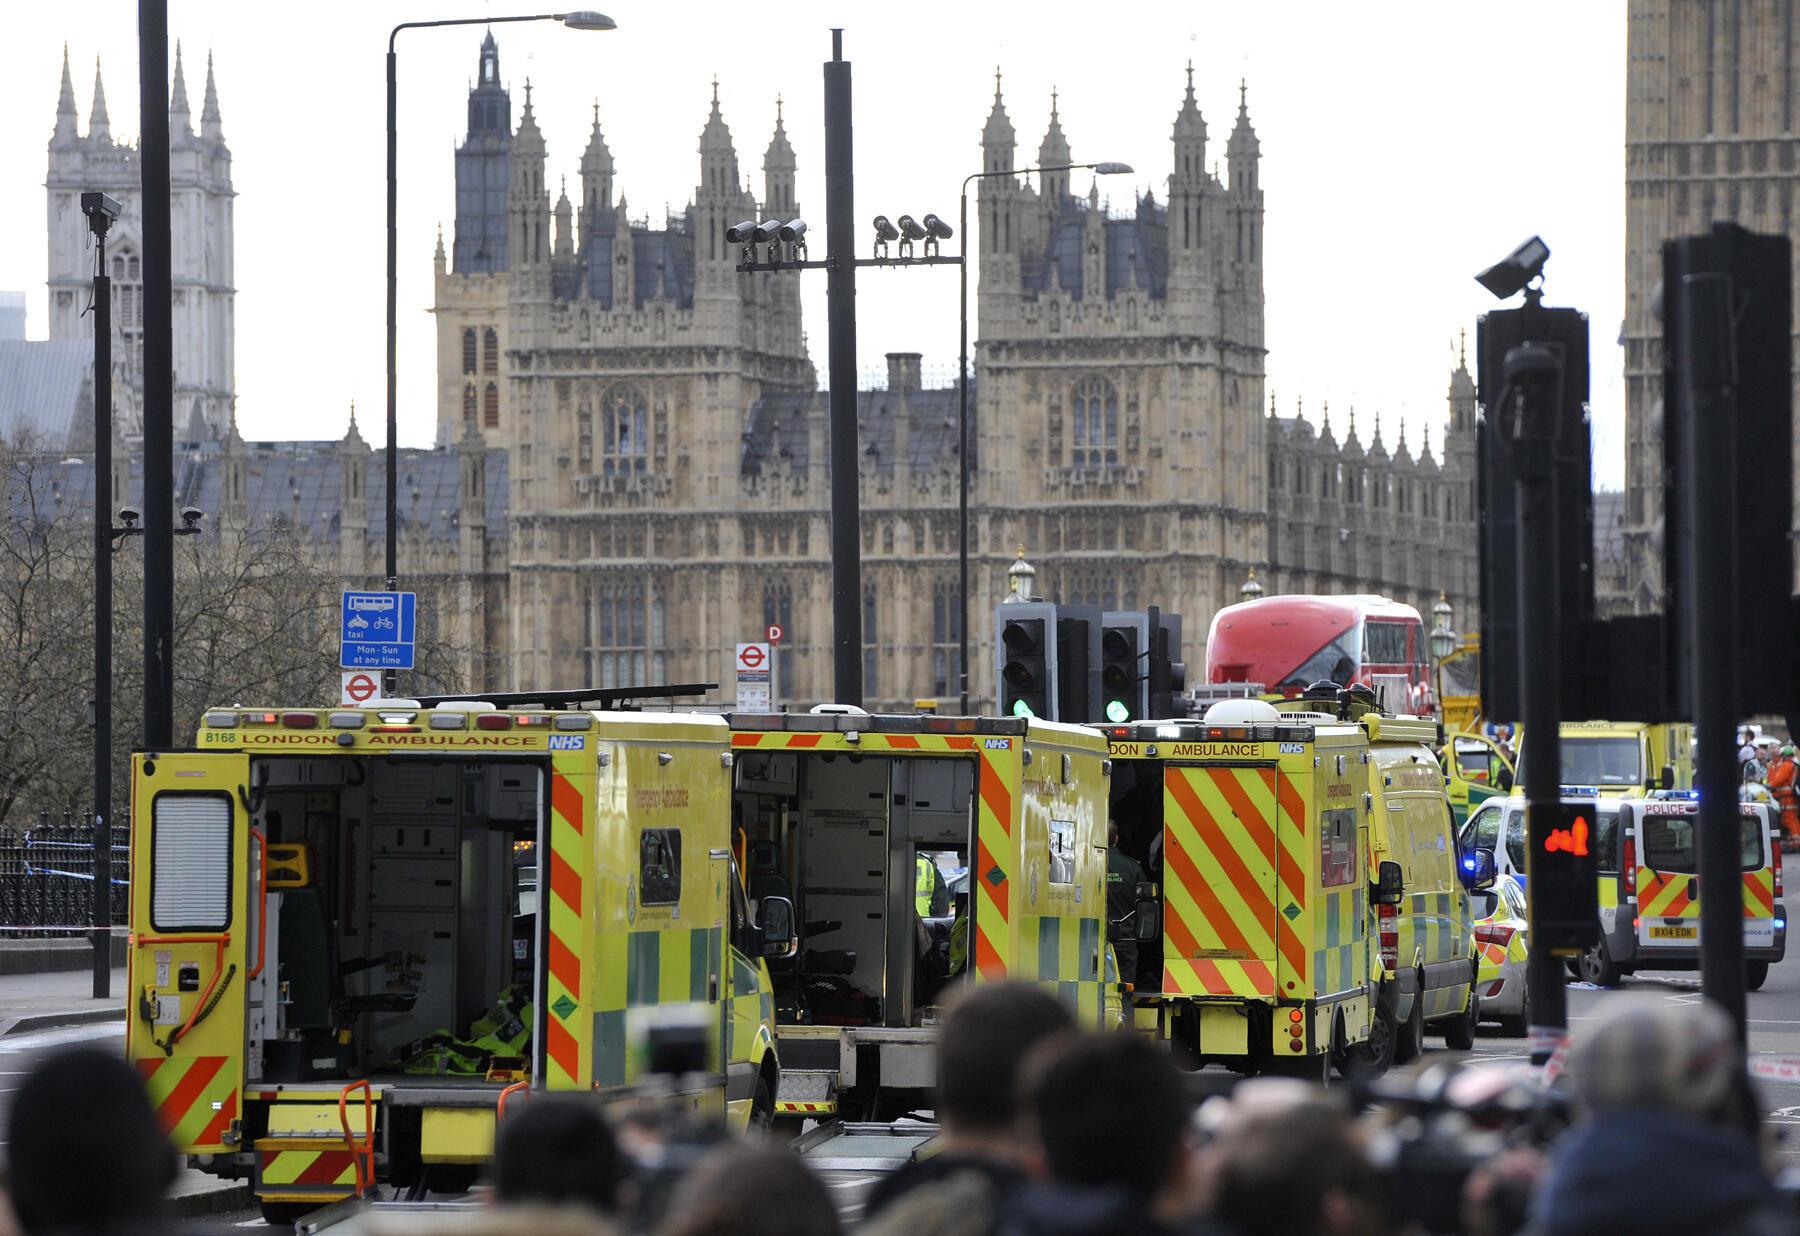 Idara mbalimbali za dharura wako kwenye daraja la Westminster mjini London, baada ya shambulizi la tarehe 22 Machi, 2017.